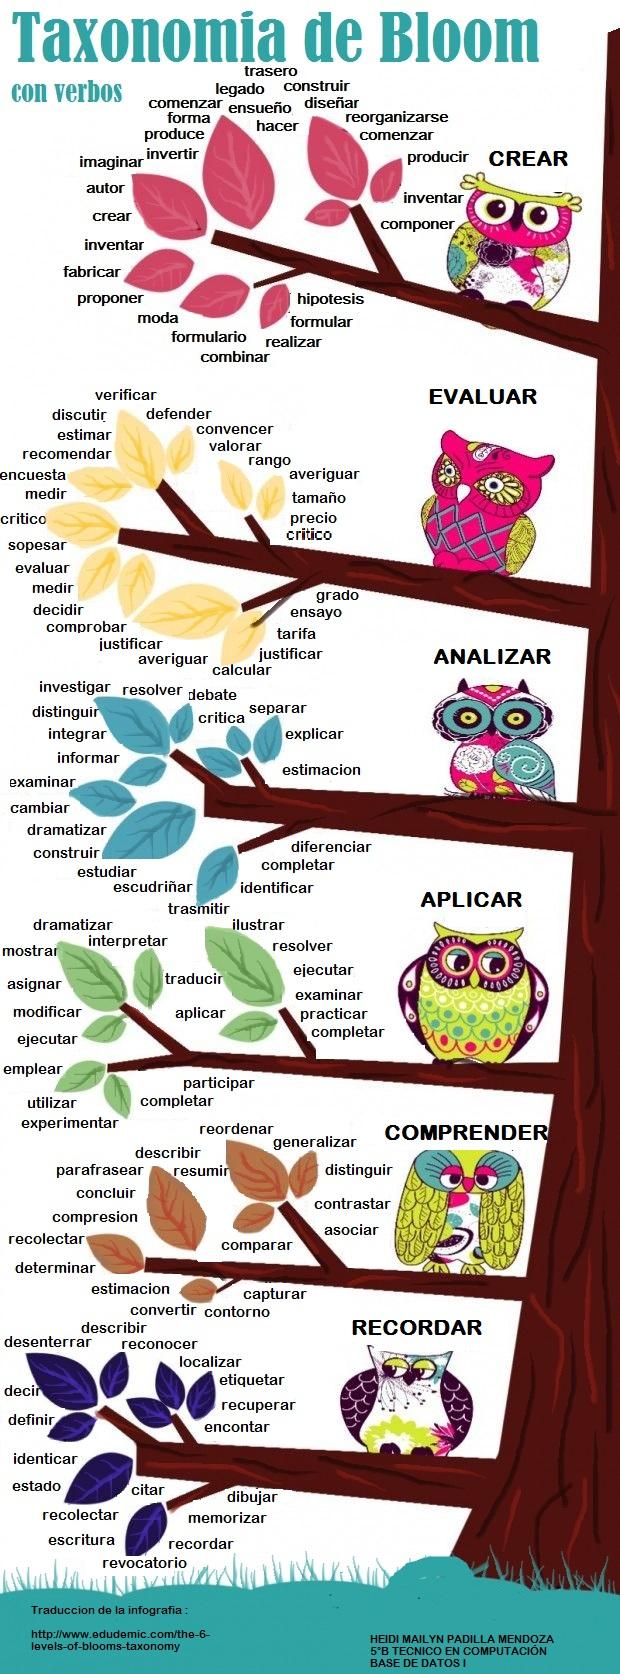 Taxonomías de Bloom con verbos